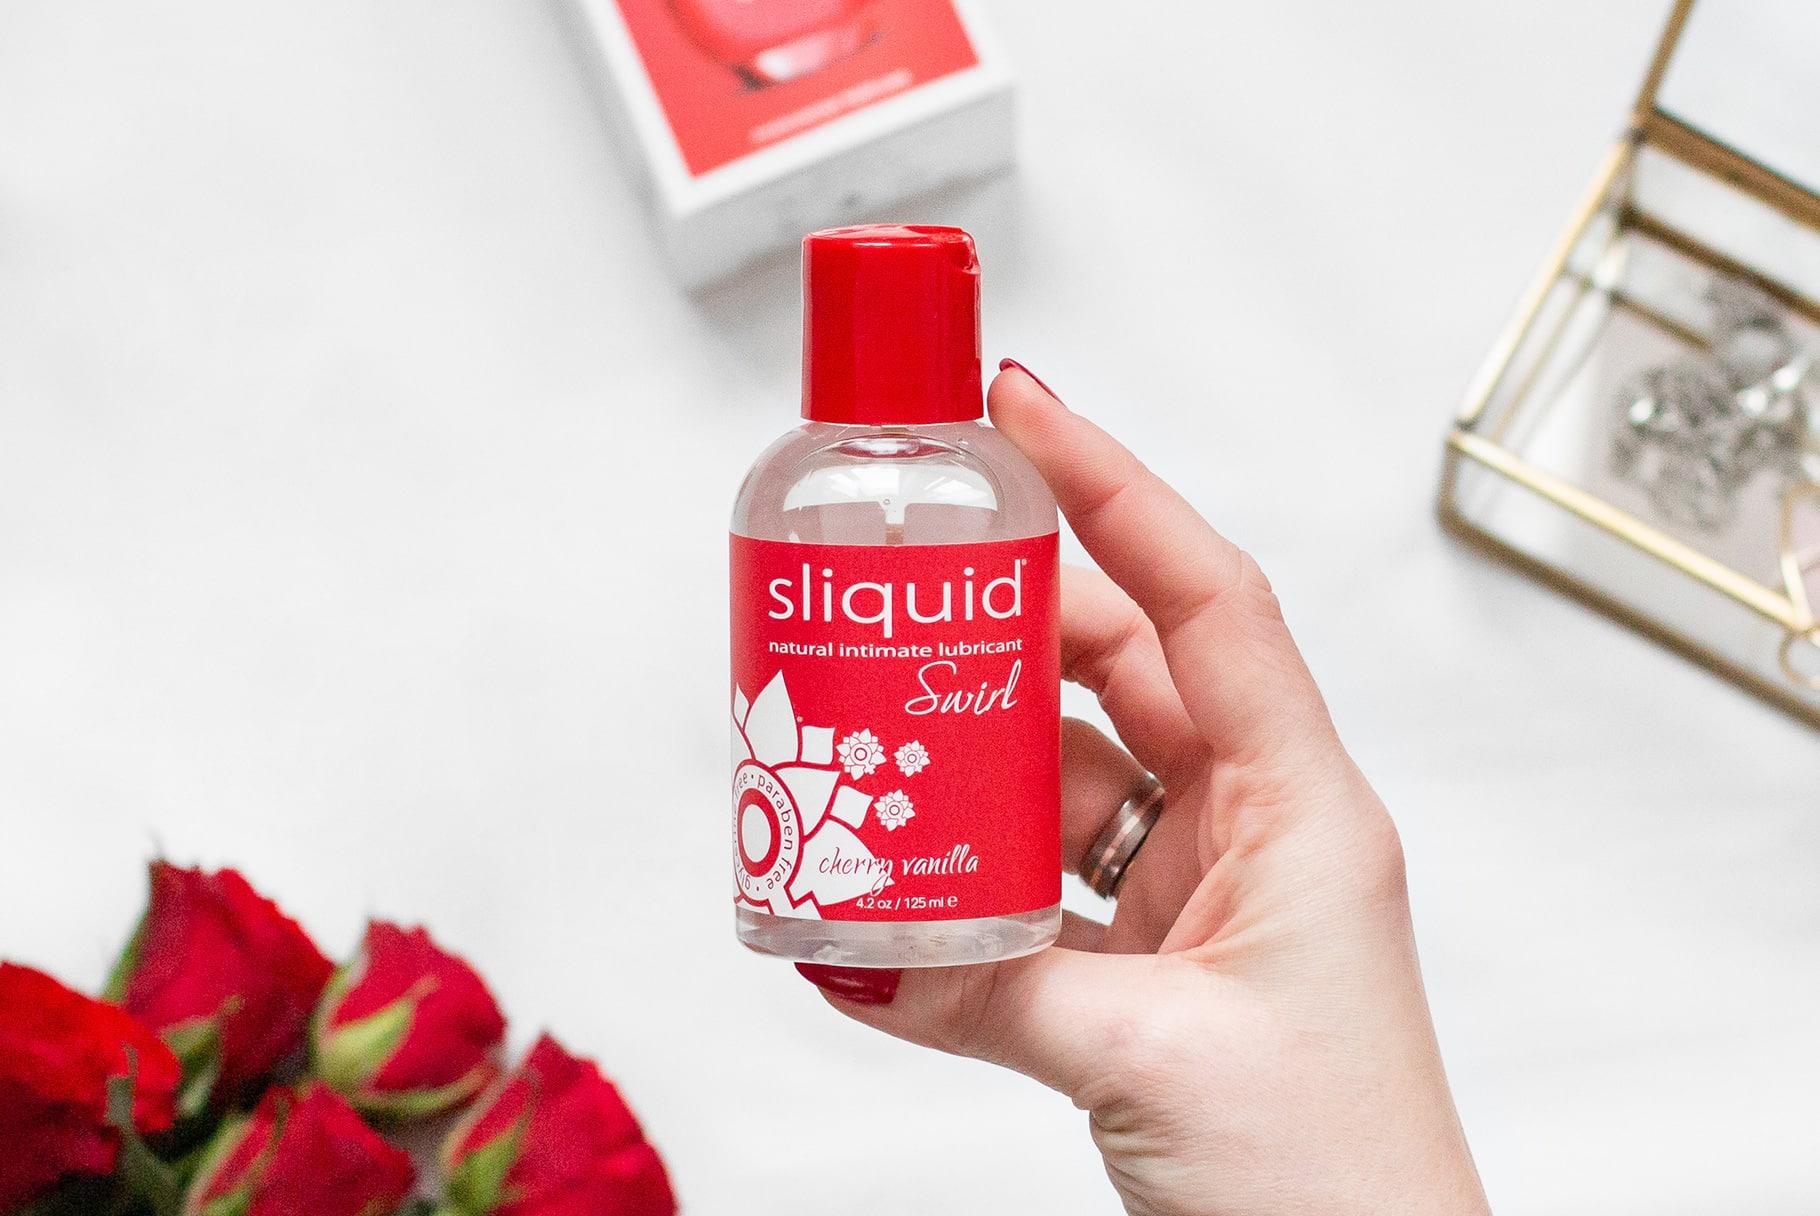 Sliquid Swirl lubrykant na bazie wody- bezpieczne, wegańskie i smakowite nawilżenie   Recenzja